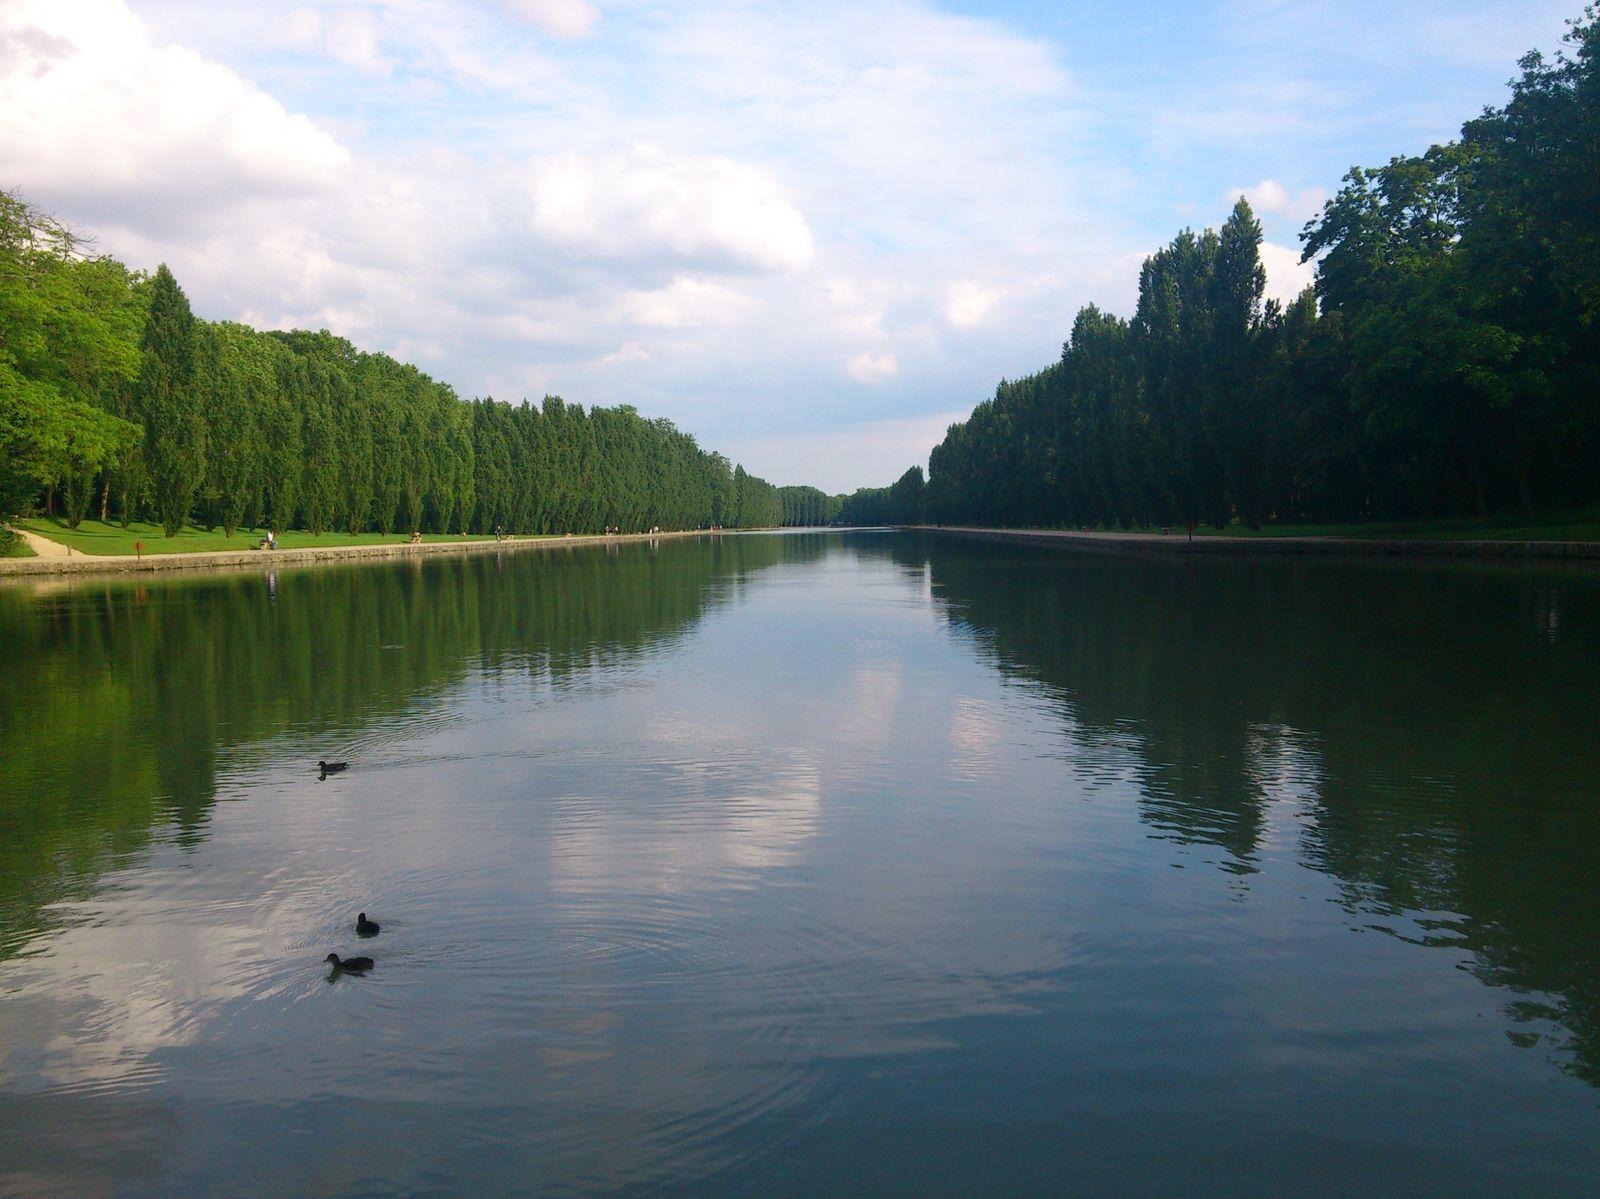 Le Grand Canal et le reflet des peupliers